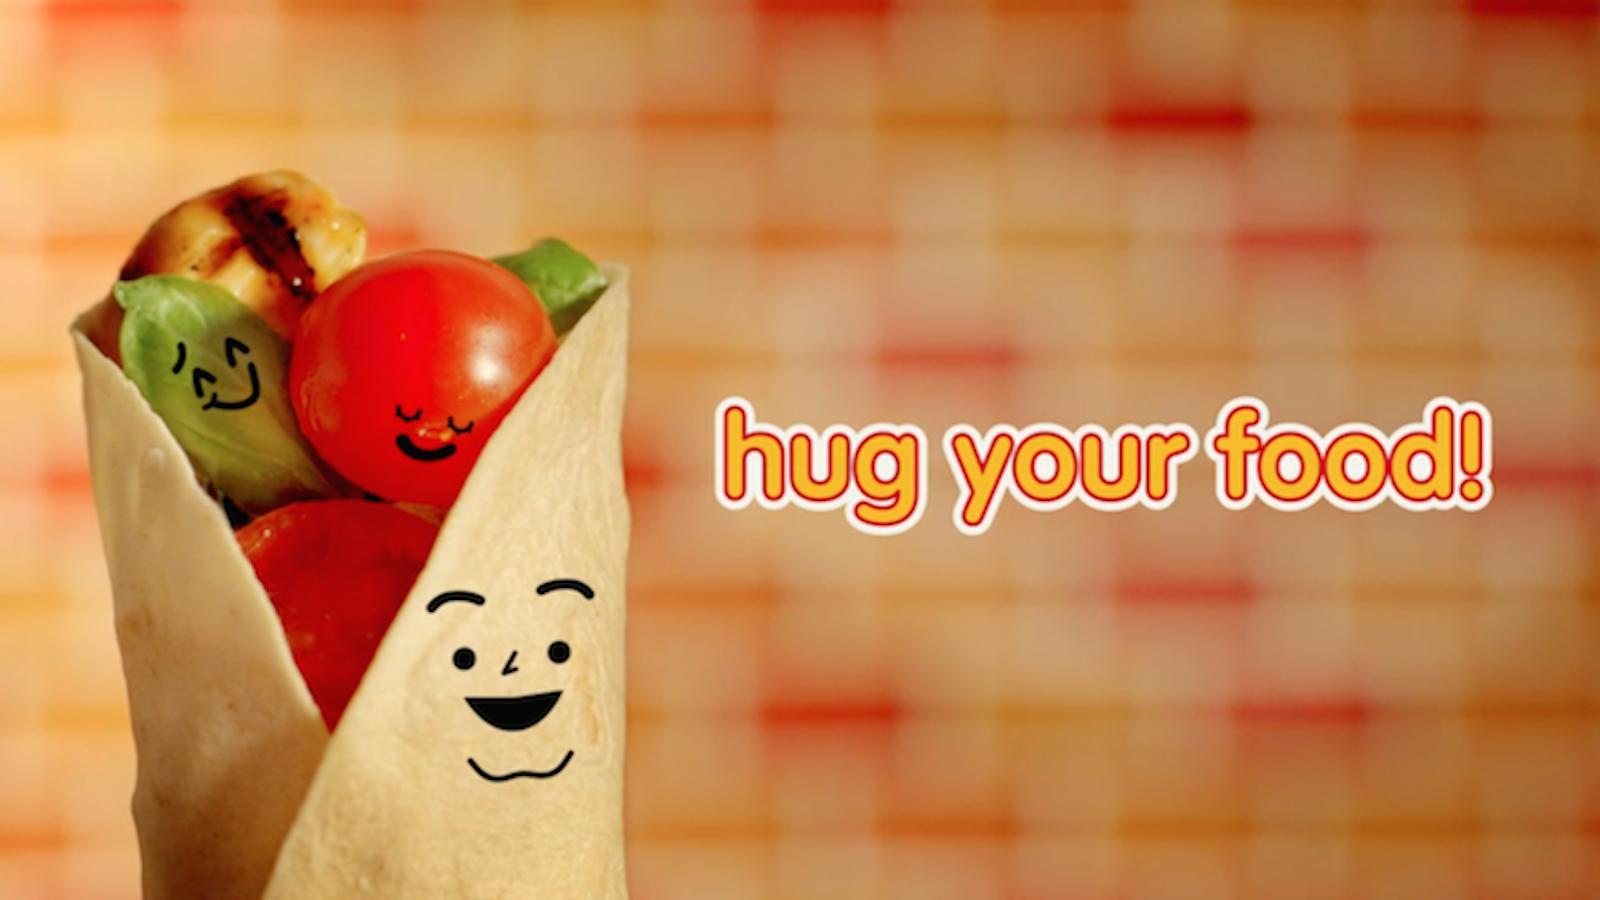 Dempster's Hug Your Food